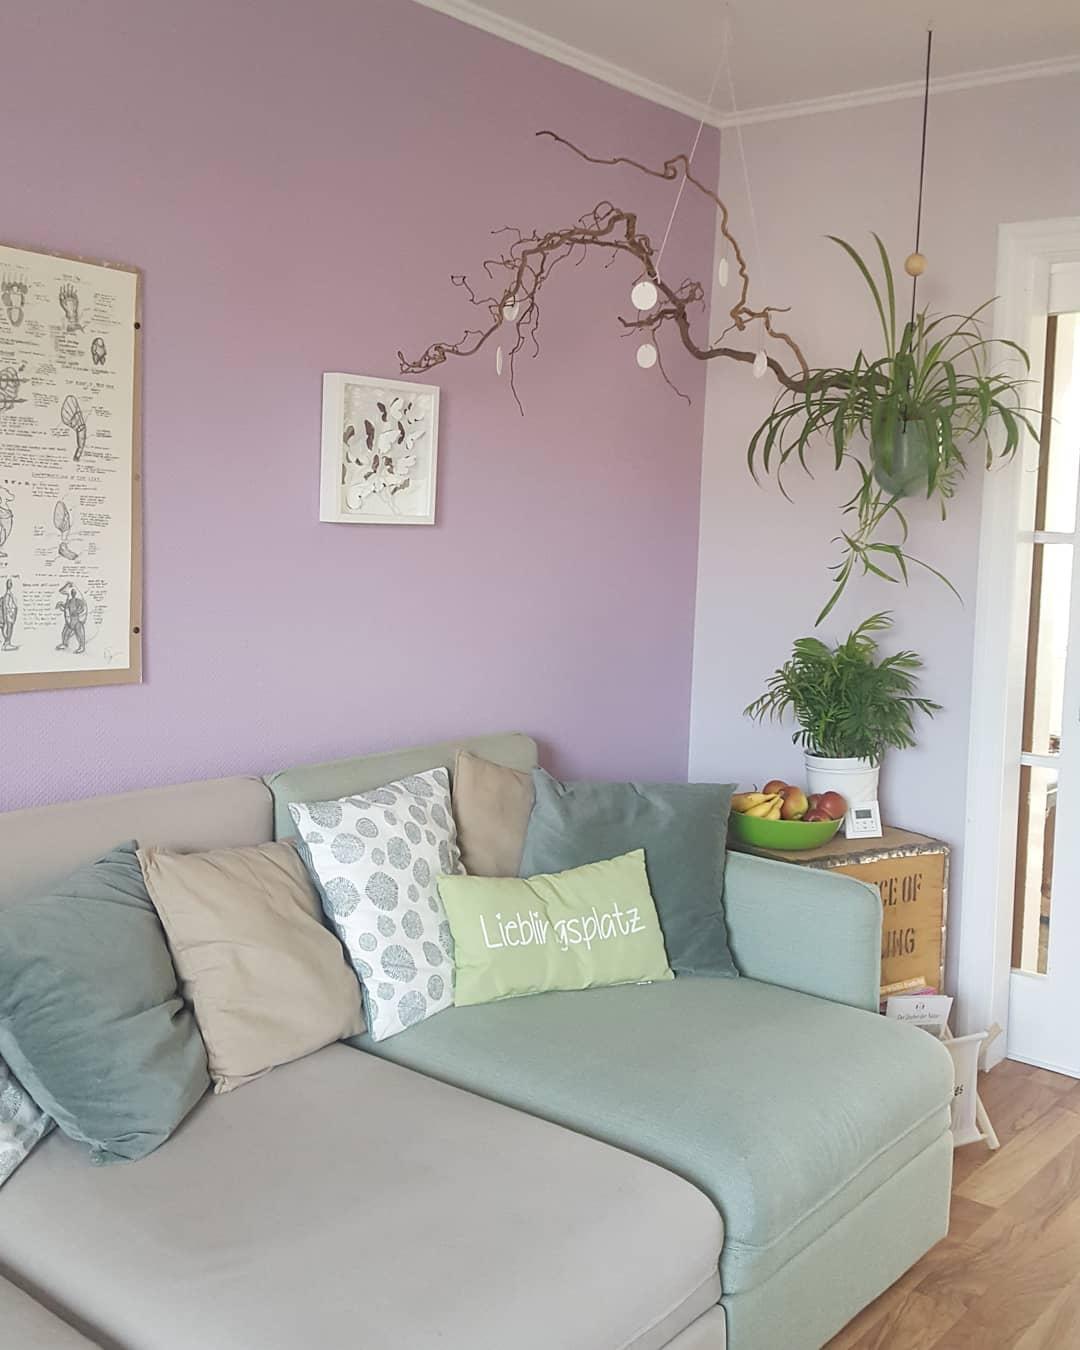 lieblingsplatz wohnzimmer couch colorful inneneinrichtung